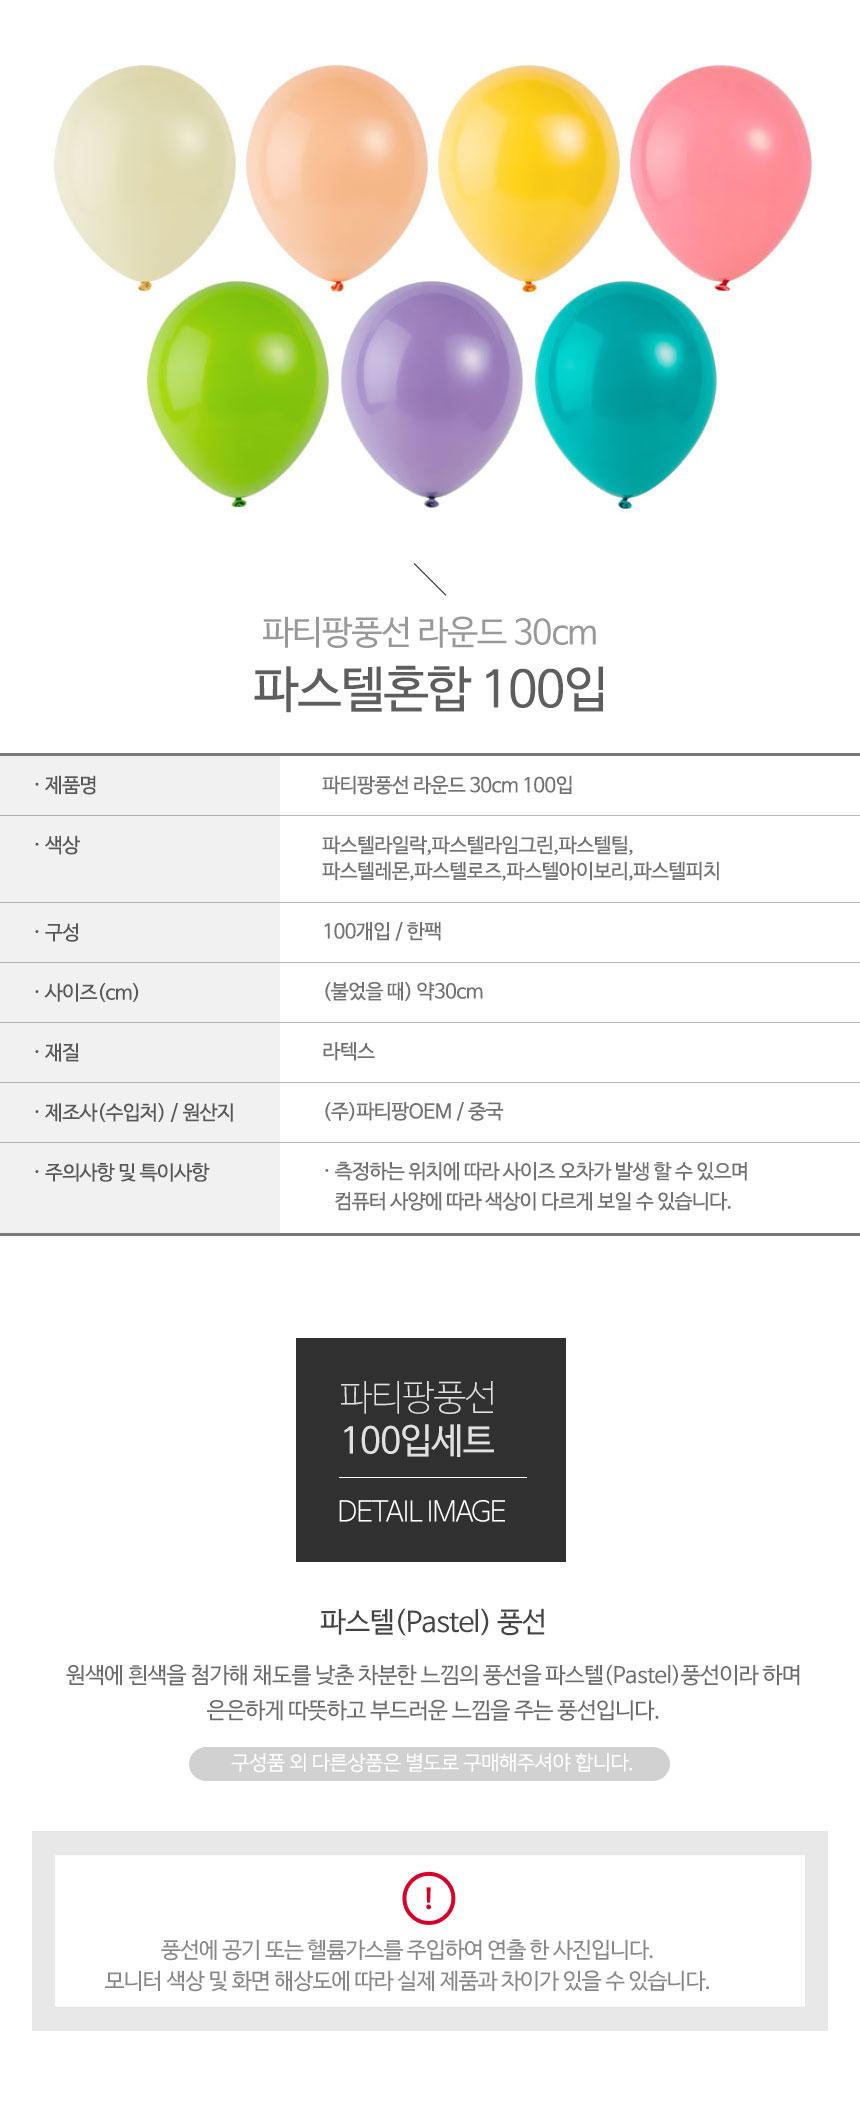 파티팡풍선 라운드 30cm 파스텔 혼합 100입 _partypang - 파티팡, 12,000원, 파티용품, 풍선/세트